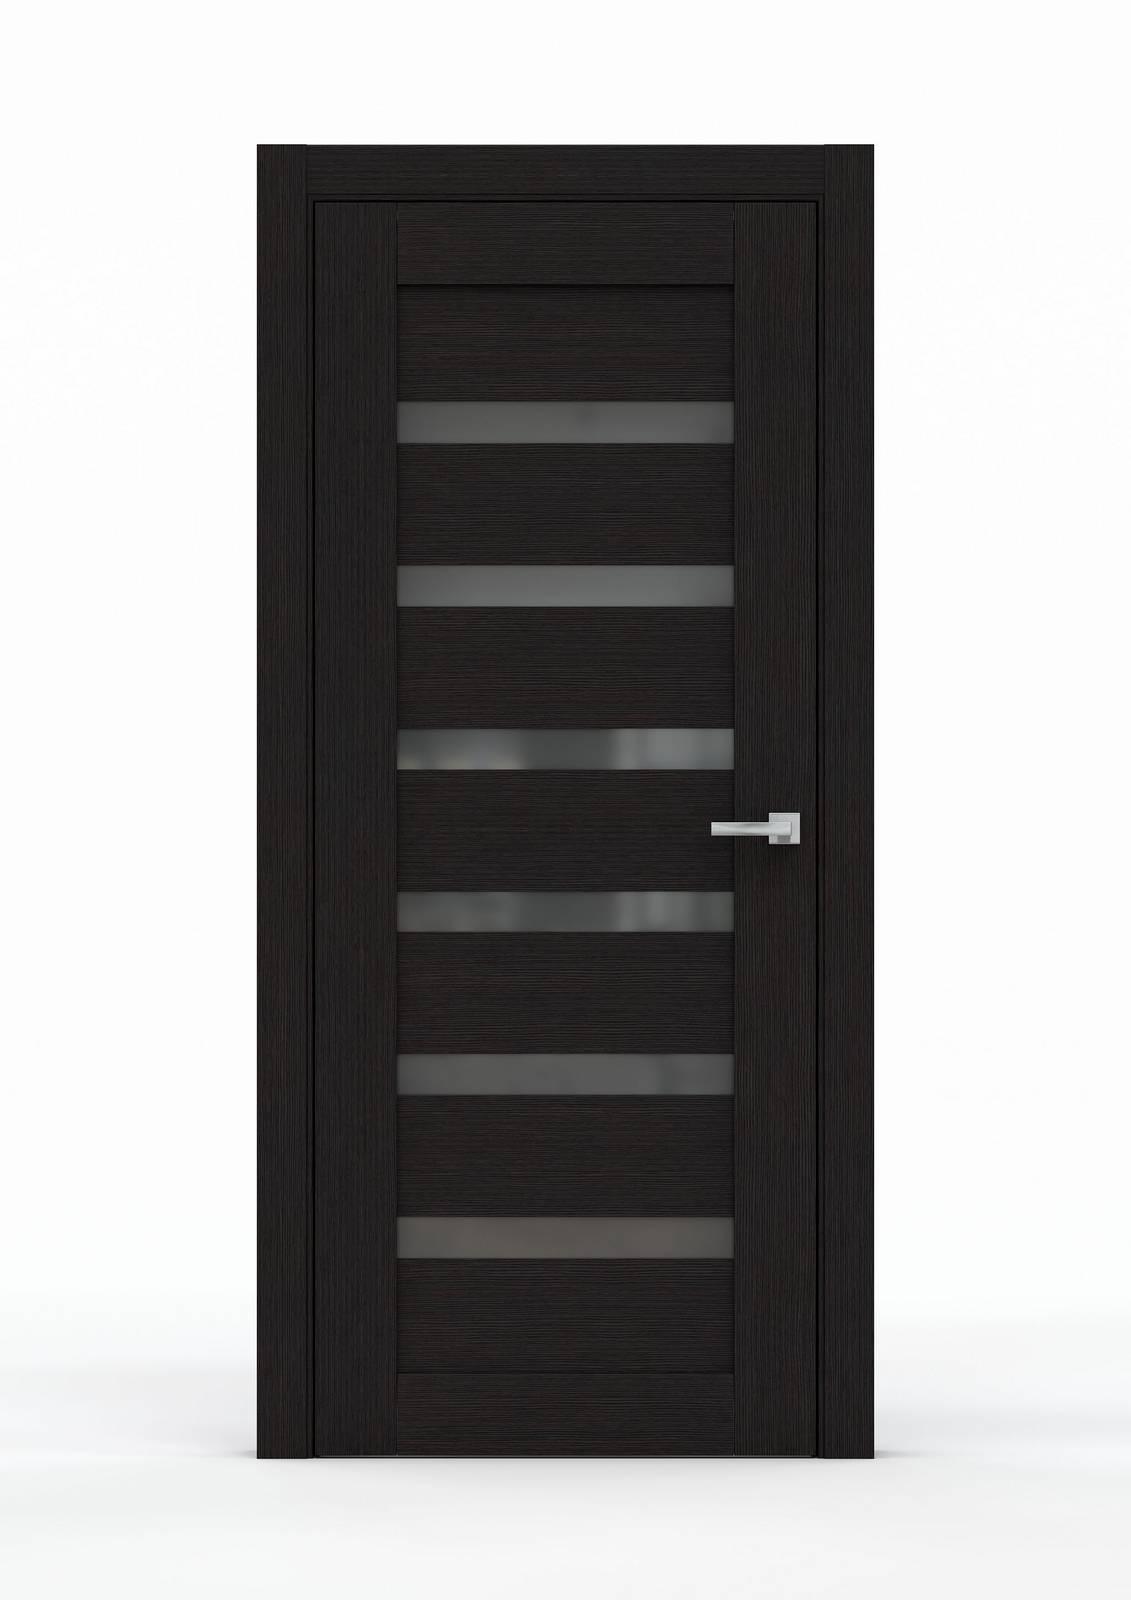 Межкомнатная дверь из экошпона - 0643. Цвет - Венге